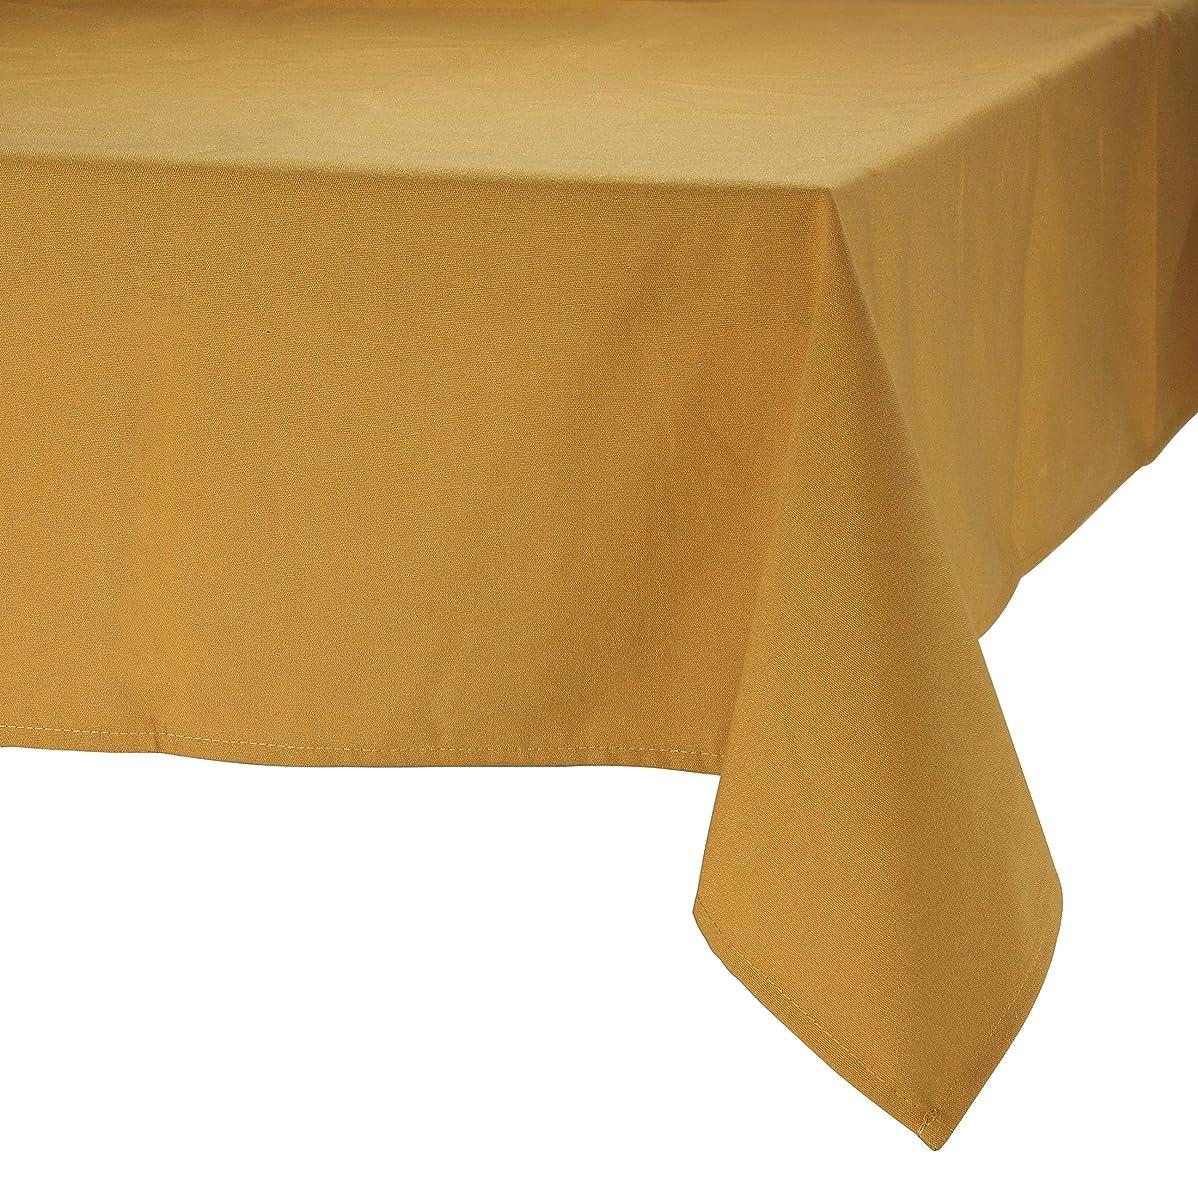 ええ州ワームMAJEST(マジェスト) テーブルクロス 正方形260cmx260cm 布地 ブロンズ 無地 繋なし 吸水タイプ